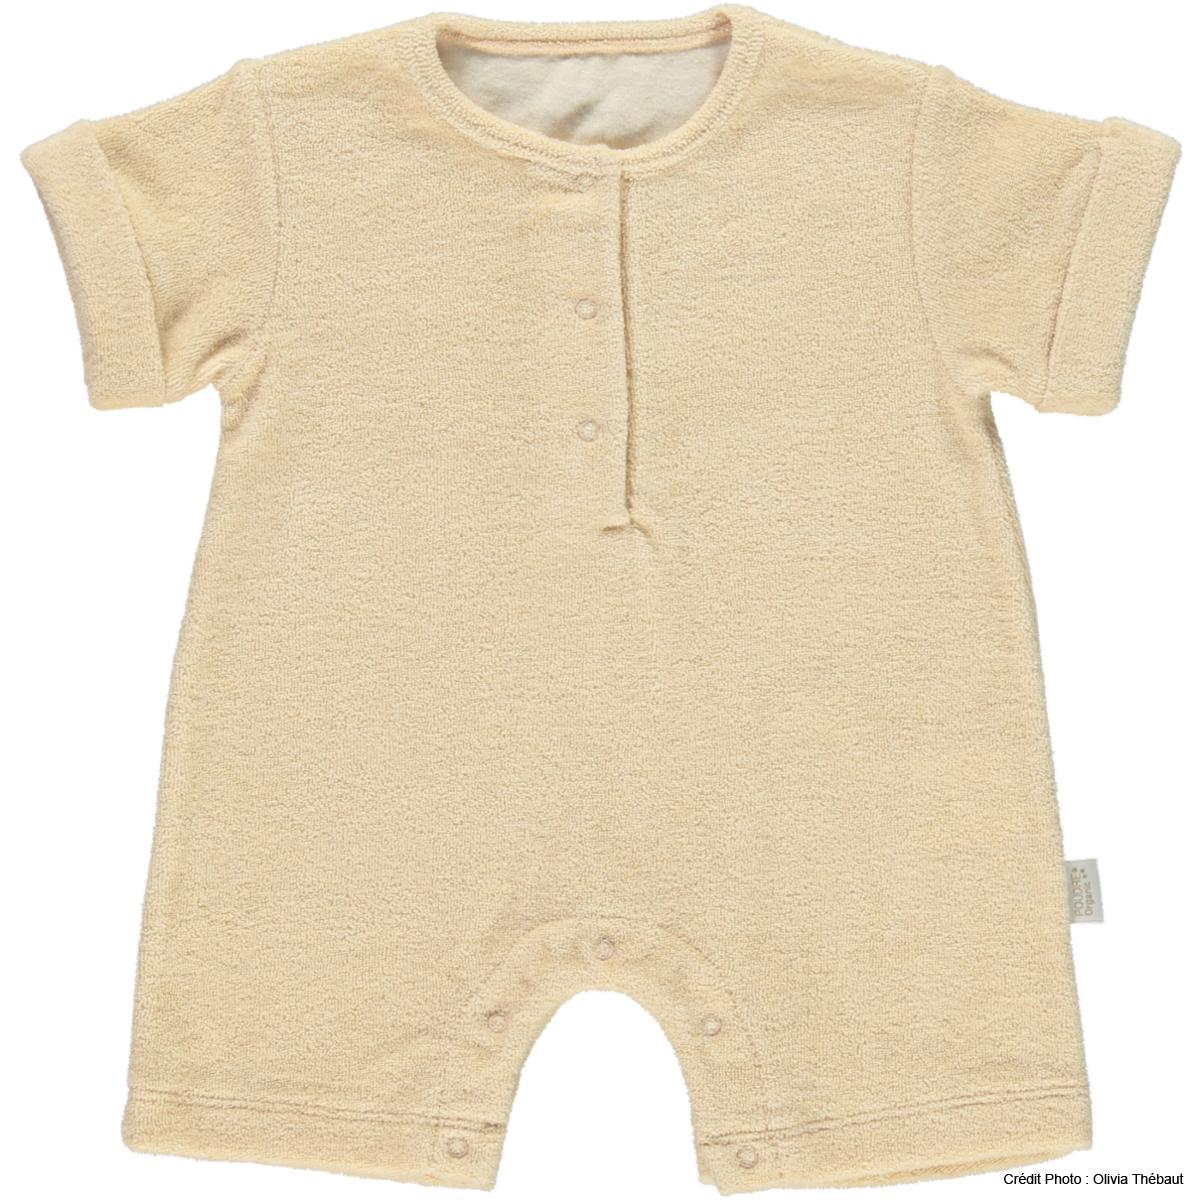 Robe & Combinaison Combicourt Guimauve Amberlight - 24 mois Combicourt Guimauve Amberlight - 24 mois